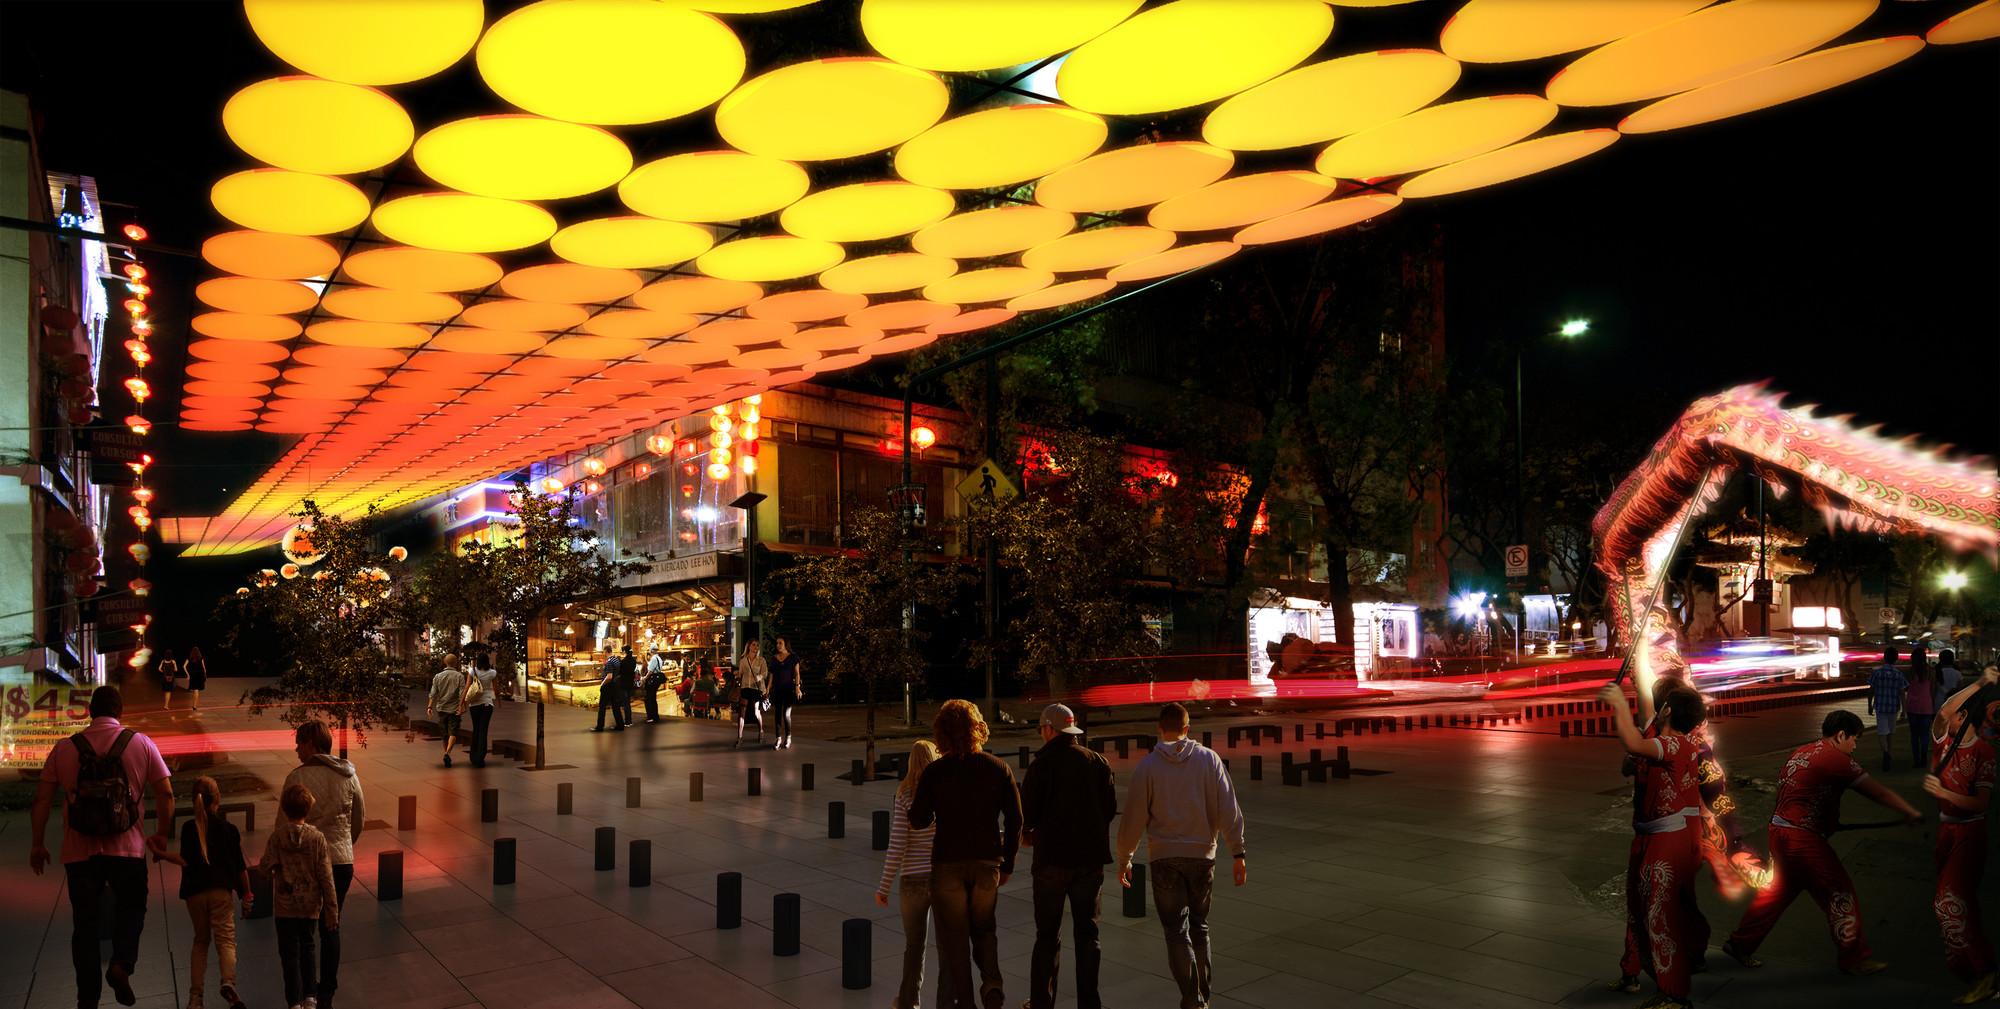 Segundo Lugar Concurso de Arquitectura Intervención Urbana 2014 / México, Cortesia de Equipo Segundo Lugar